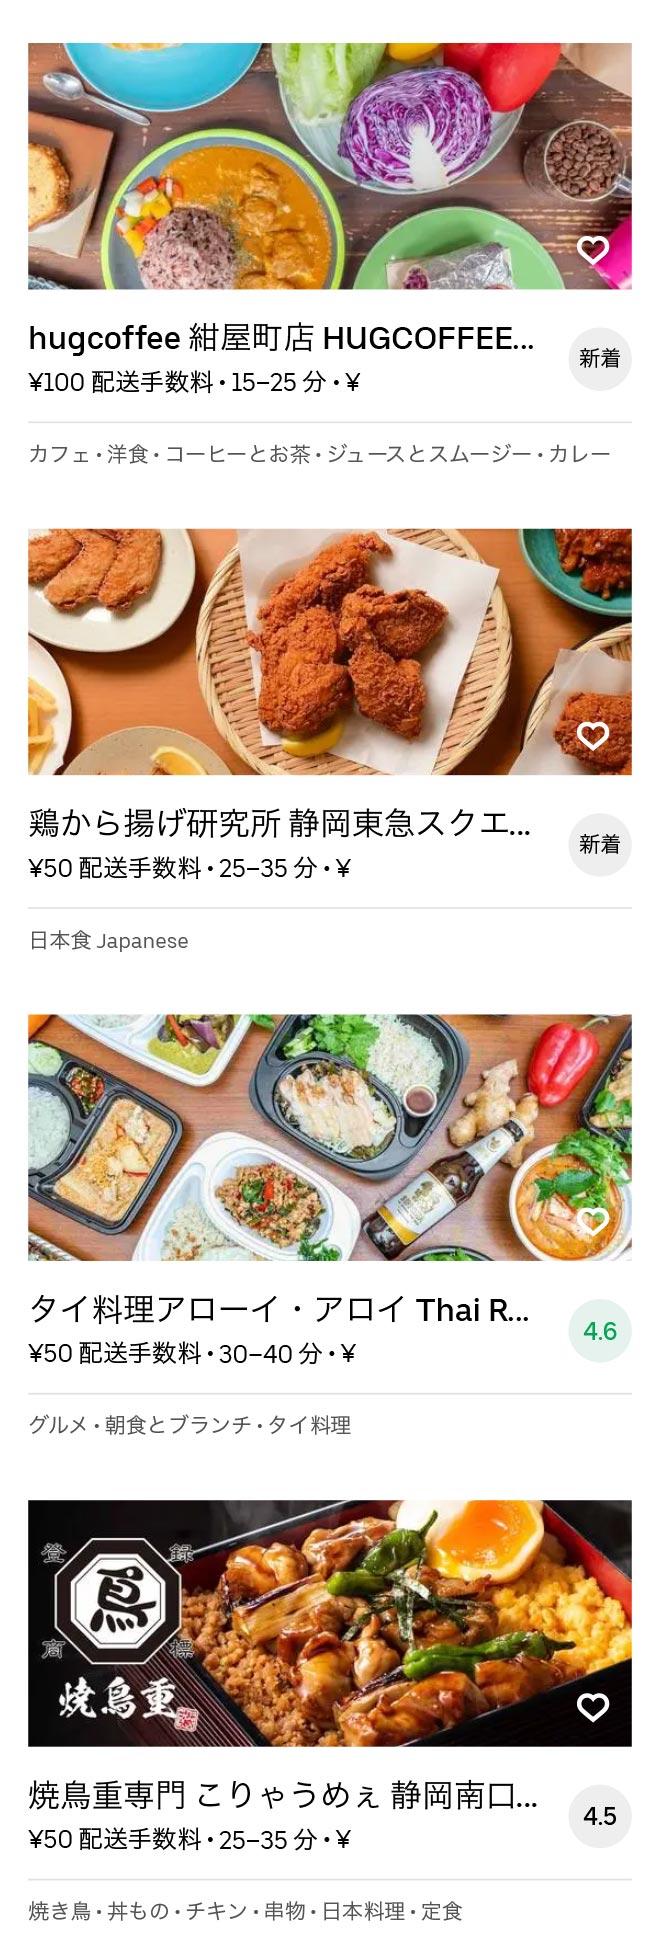 Shizuoka menu 2010 12